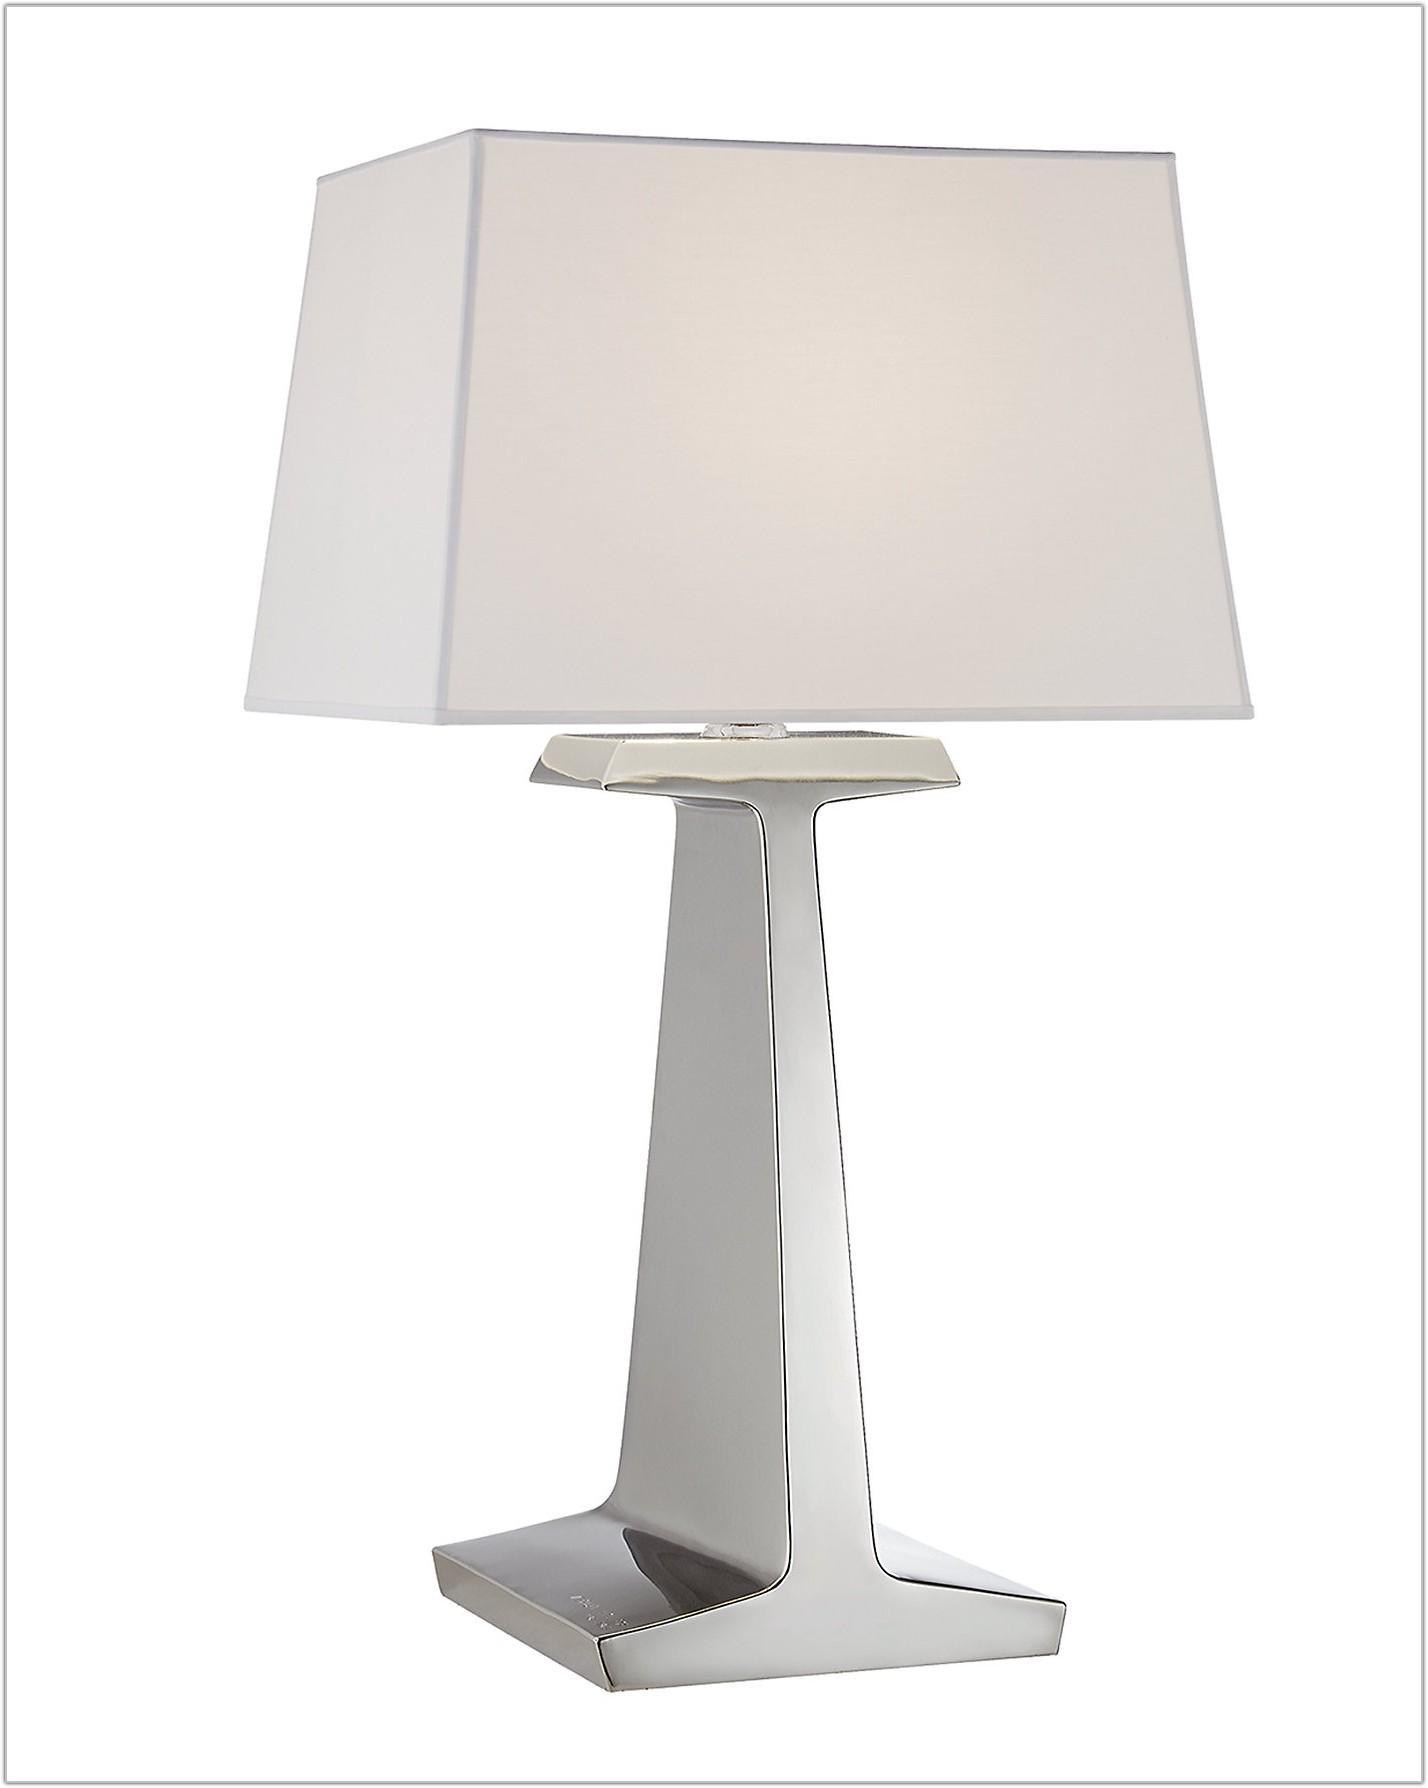 Ralph Lauren Home Table Lamps